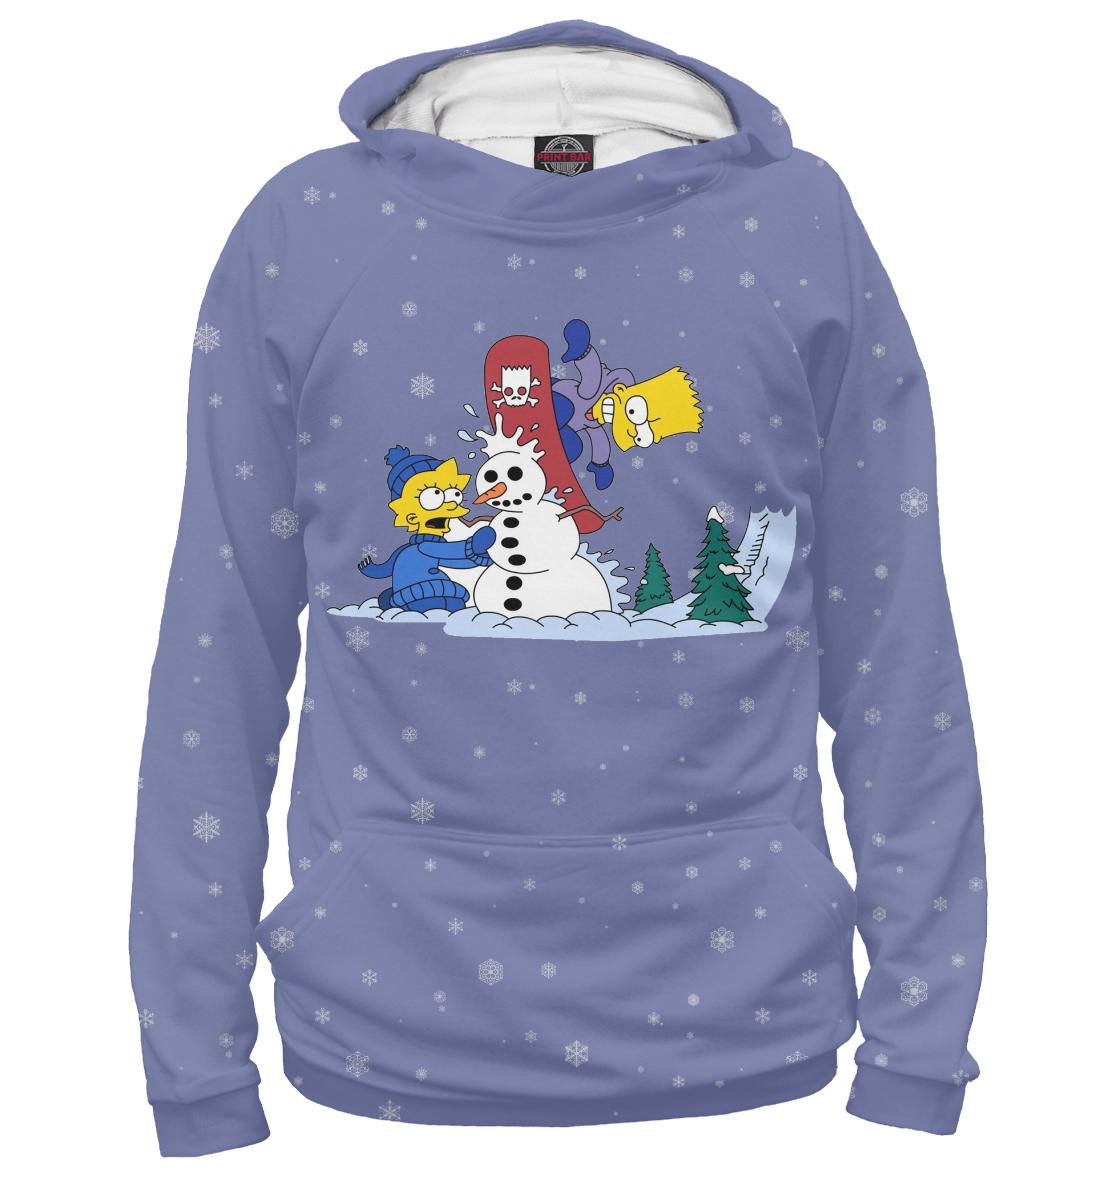 Купить Лиза и Барт Зимой, Printbar, Худи, NOV-457537-hud-1